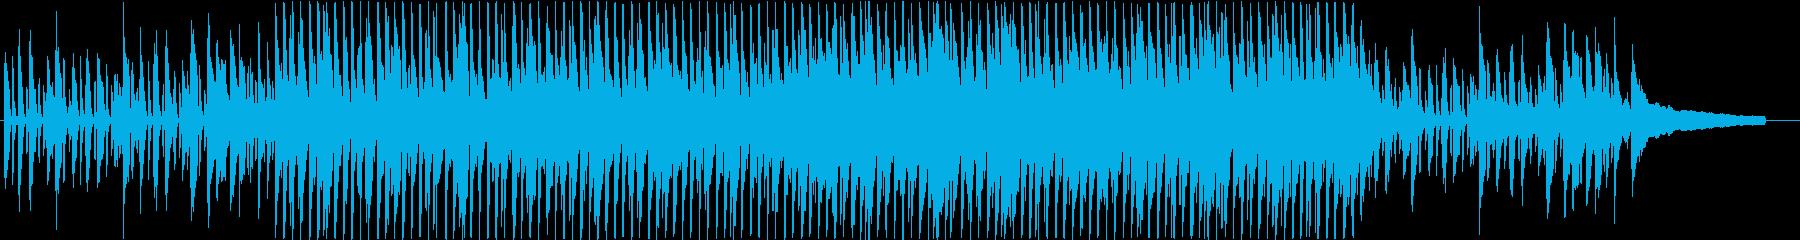 ポップでハッピーなカントリー♪の再生済みの波形